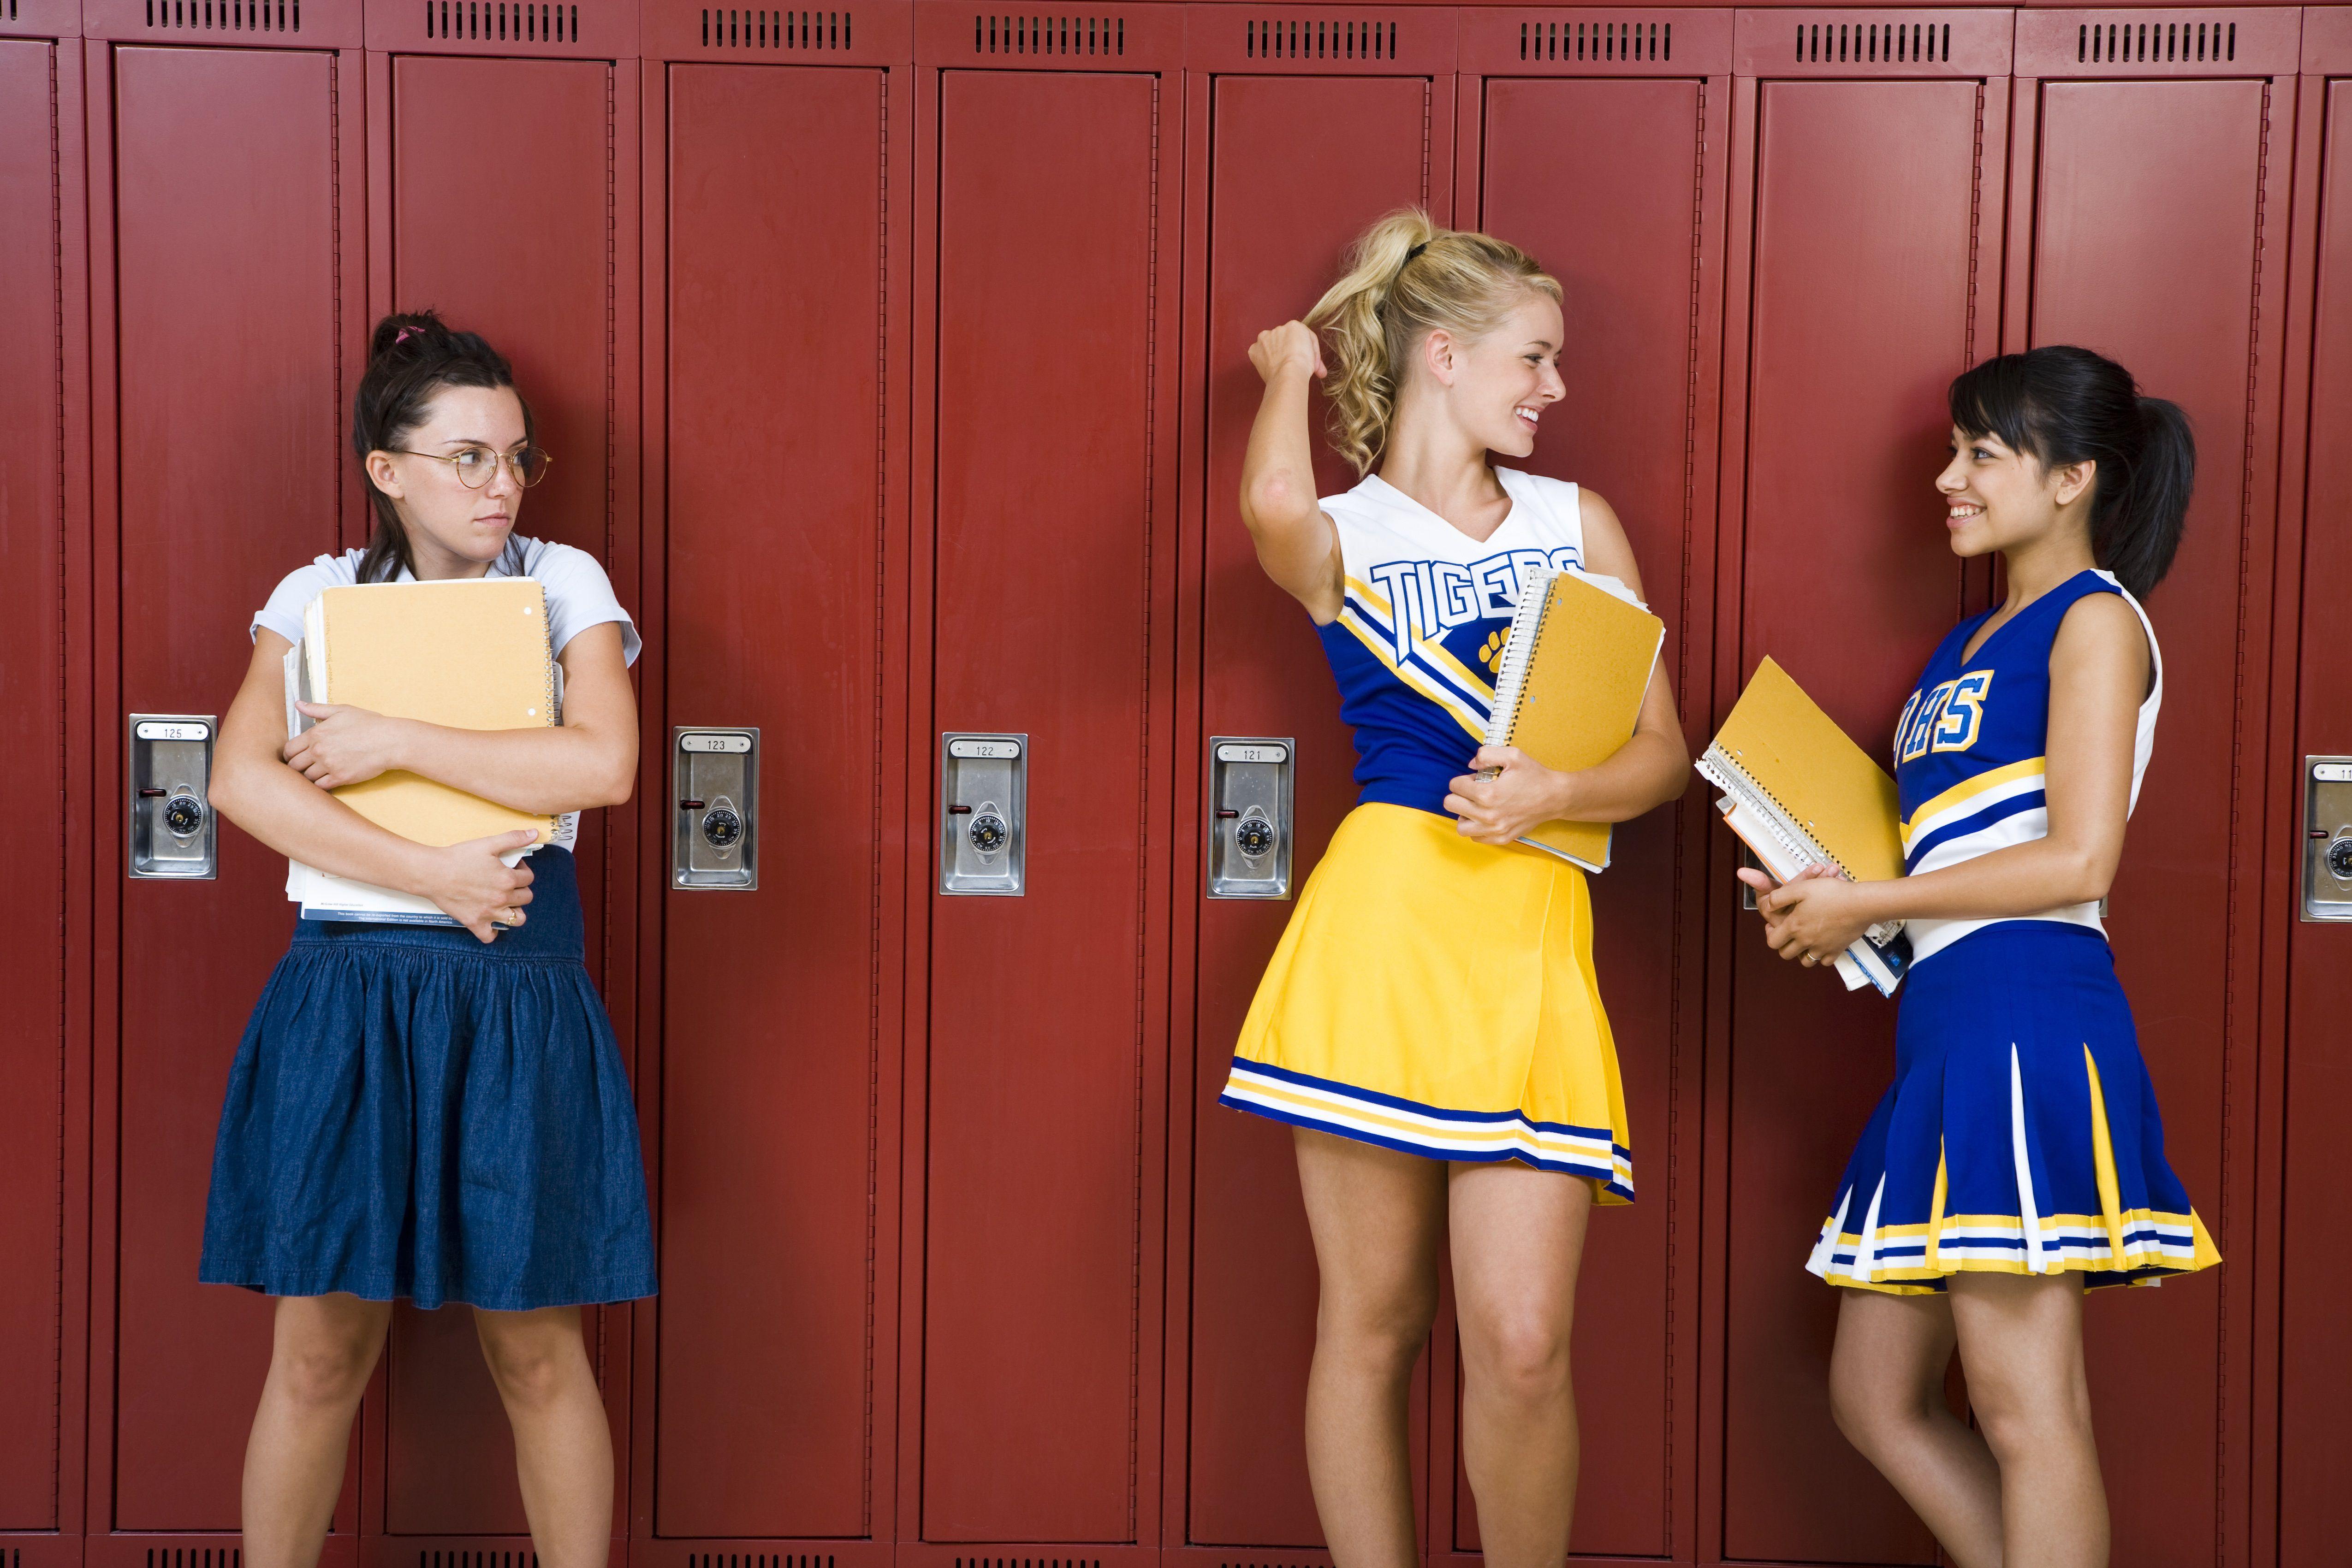 common school stereotypes